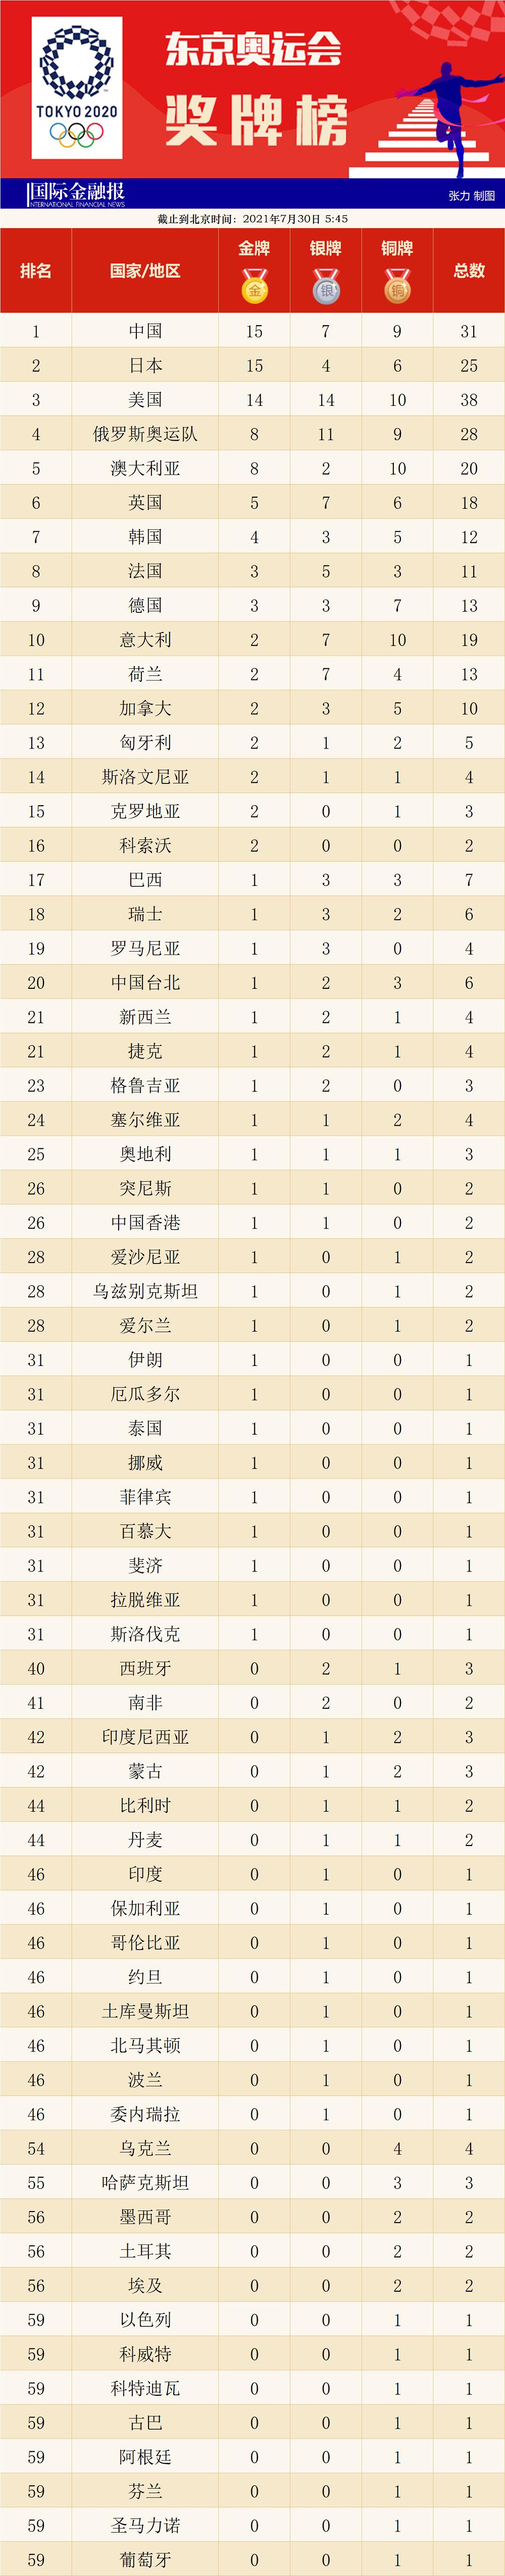 奥运会奖牌榜:中国总数第二t13